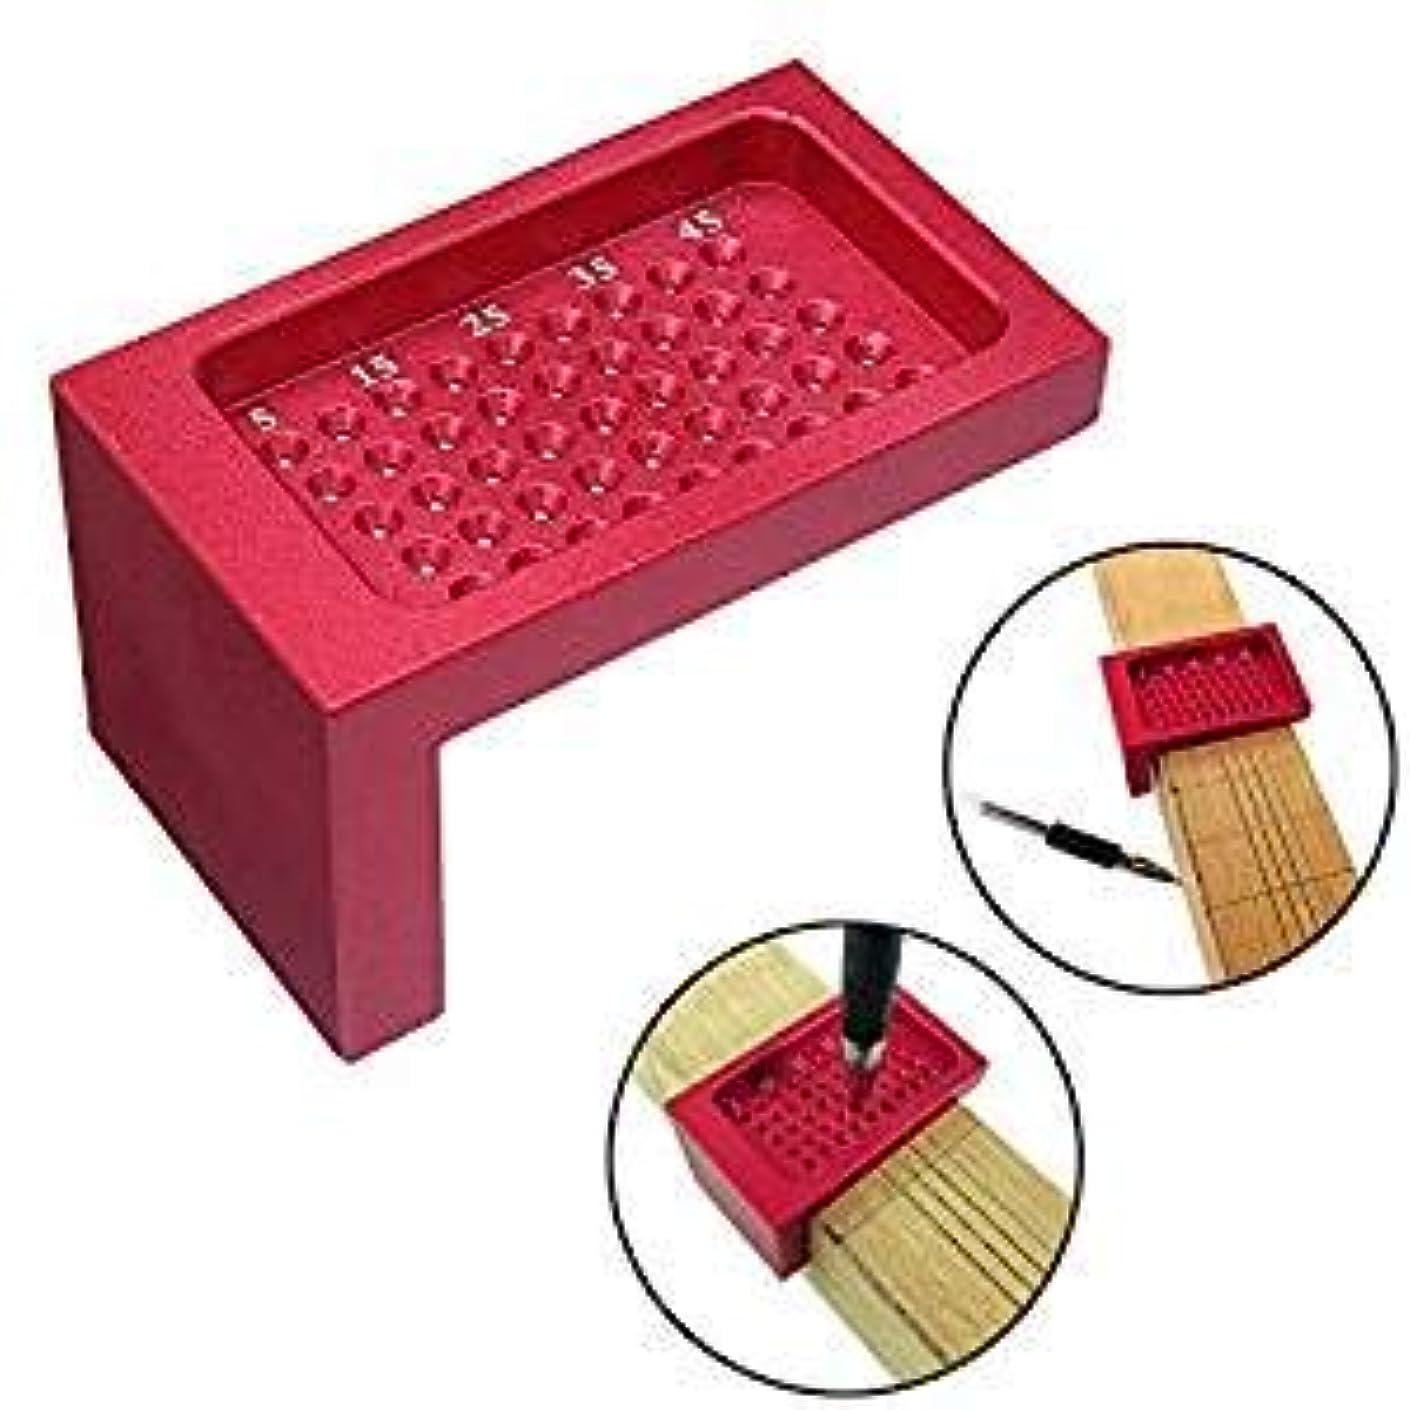 人質普通に補償木工ケガキ定規T型 直角型ゲージ 測定 高精度1mm アルミ合金 ケガキ工具 ゲージ スライディングスコヤ 大工の測定およびマーキング用